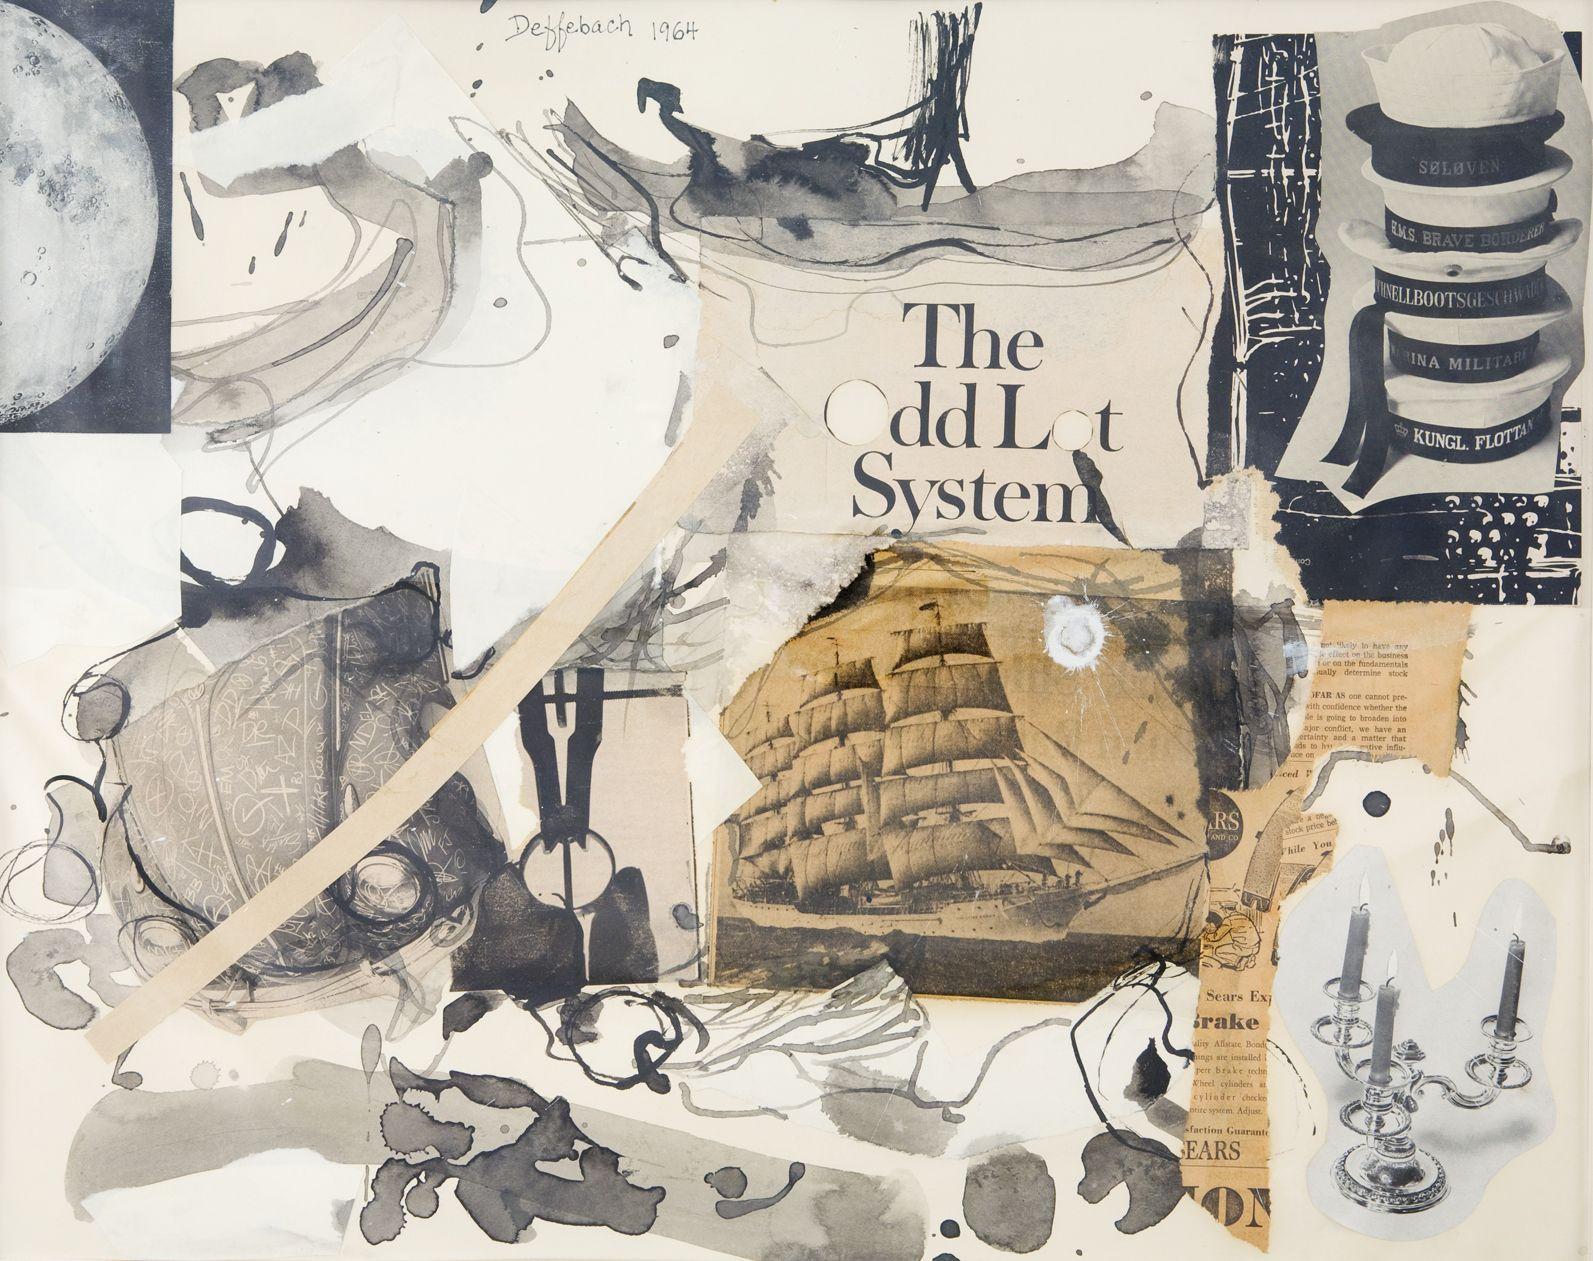 Lee Deffebach, collage